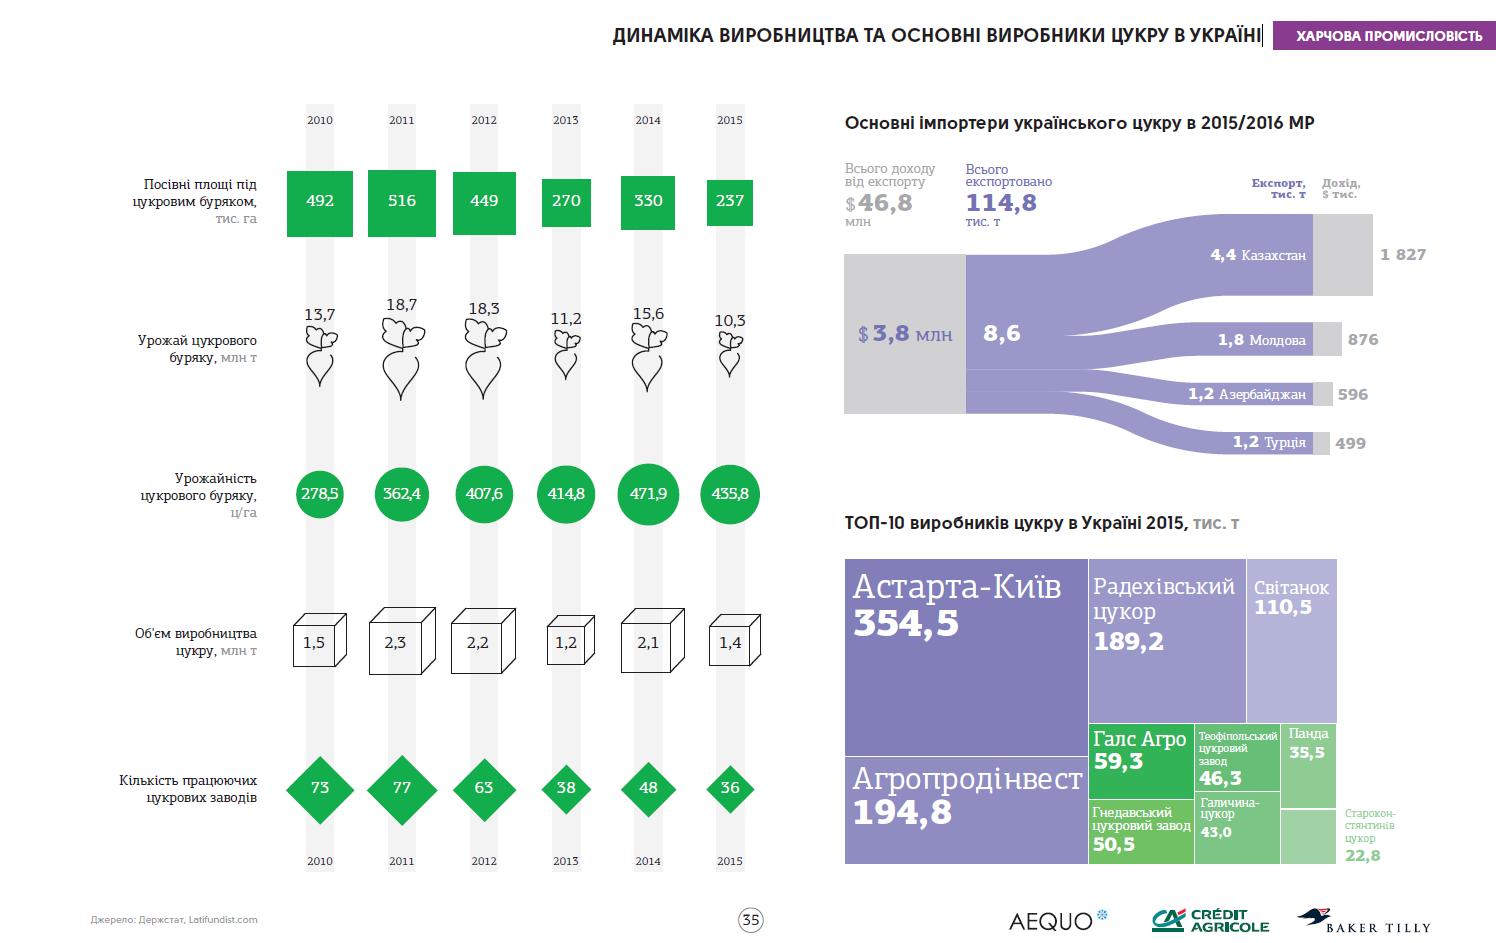 Динамика производства и основные производители сахара в Украине